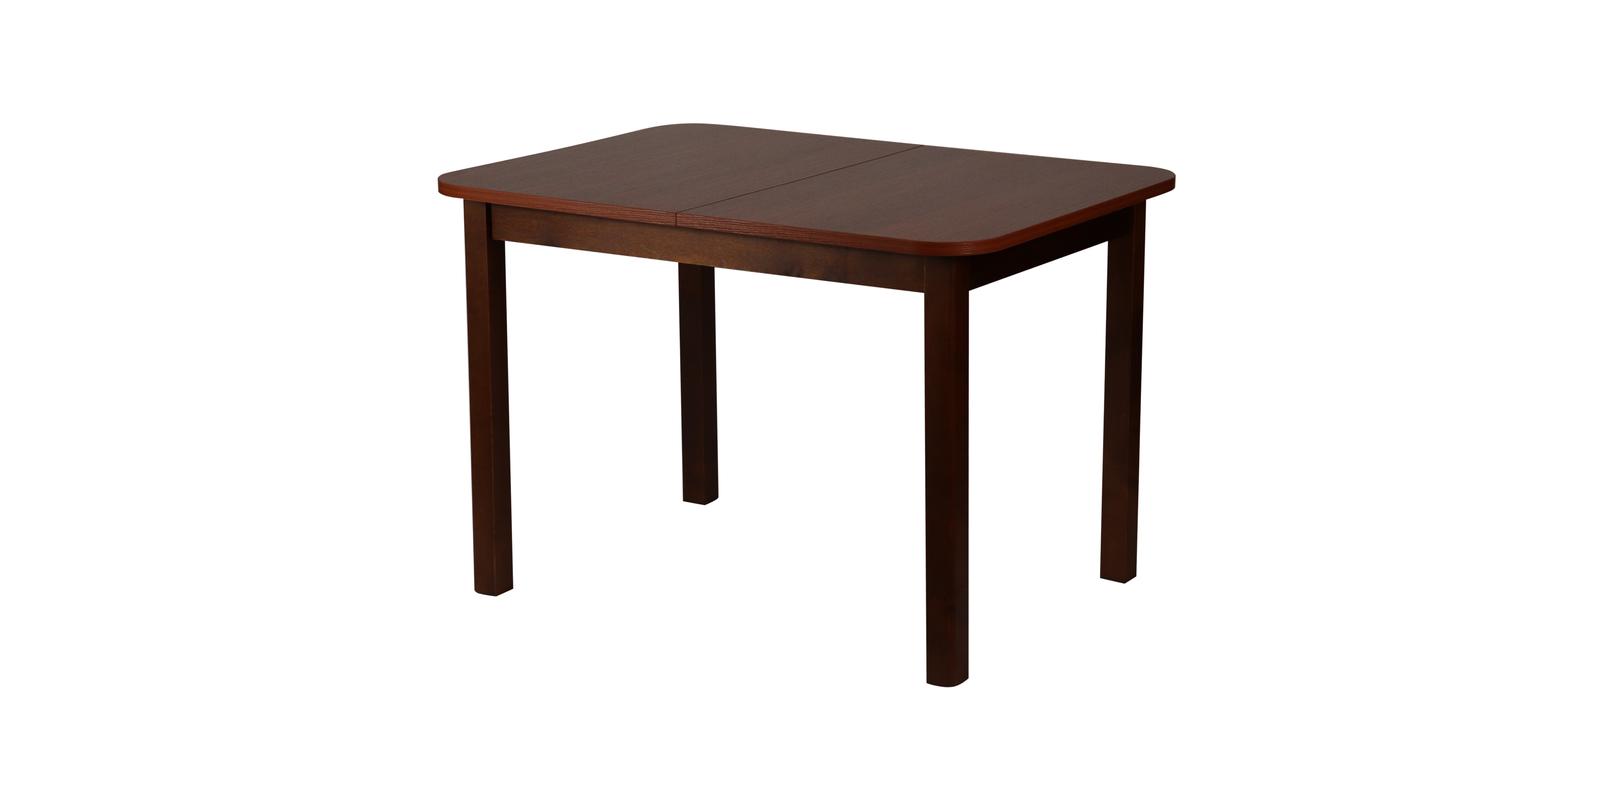 Обеденный стол Франц вариант №2 (грецкий орех/мария ноче)